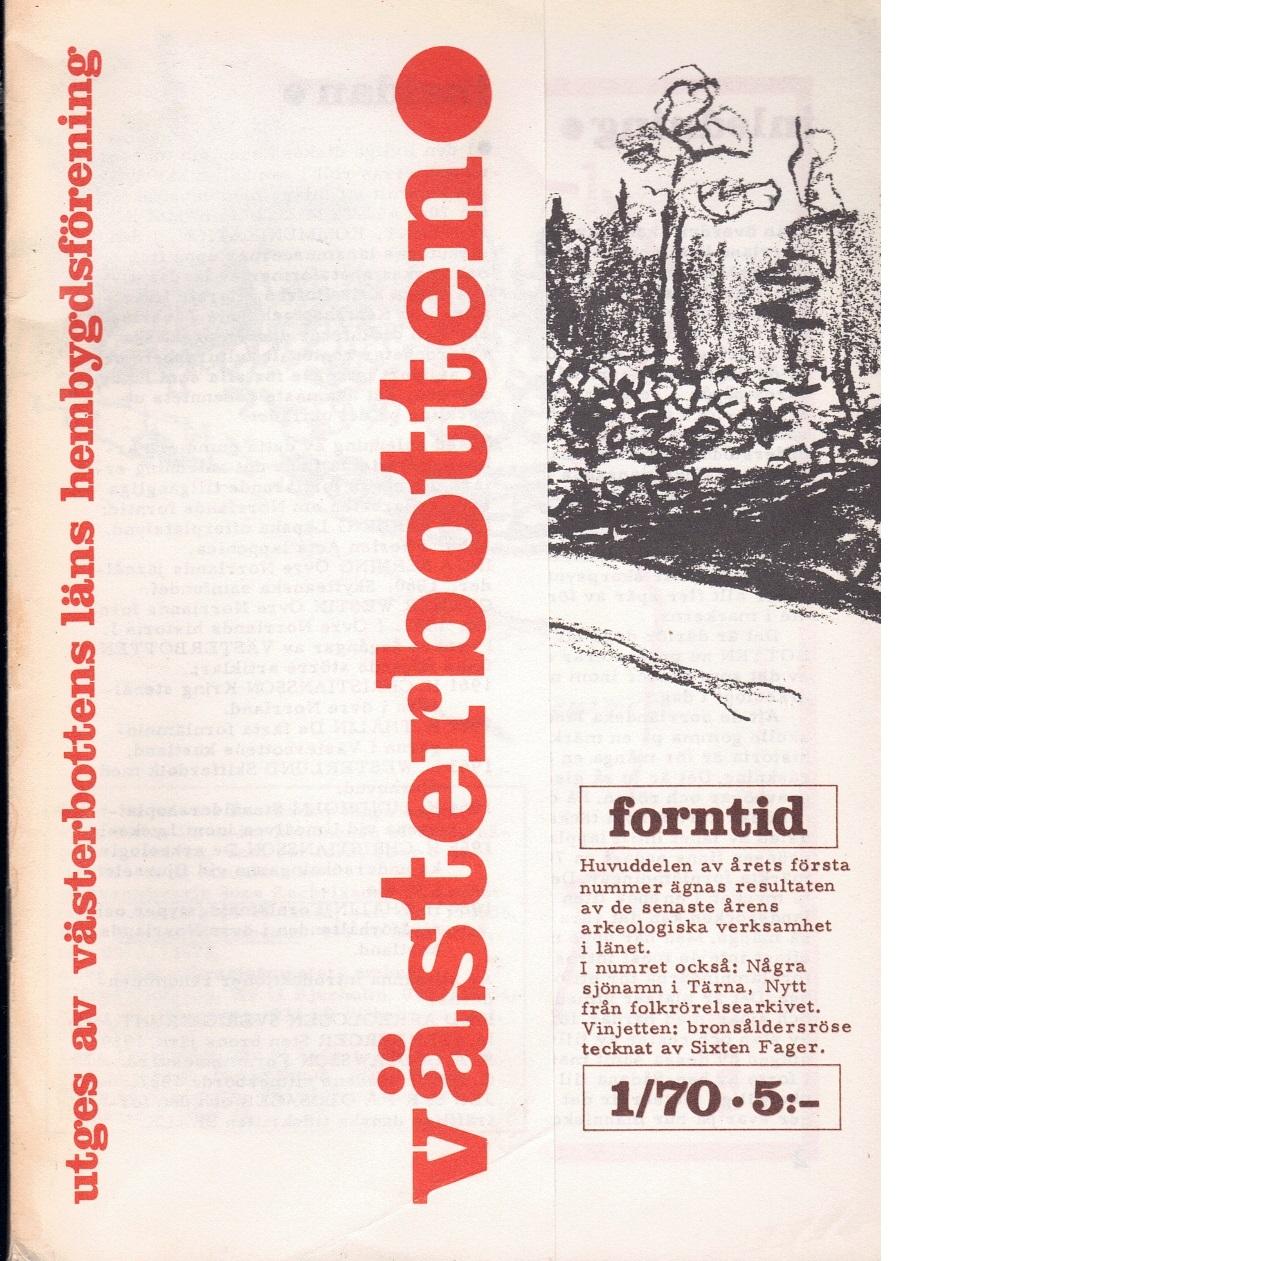 Västerbotten 1 : Västerbottens läns hembygdsförenings årsbok 1981 - Red.